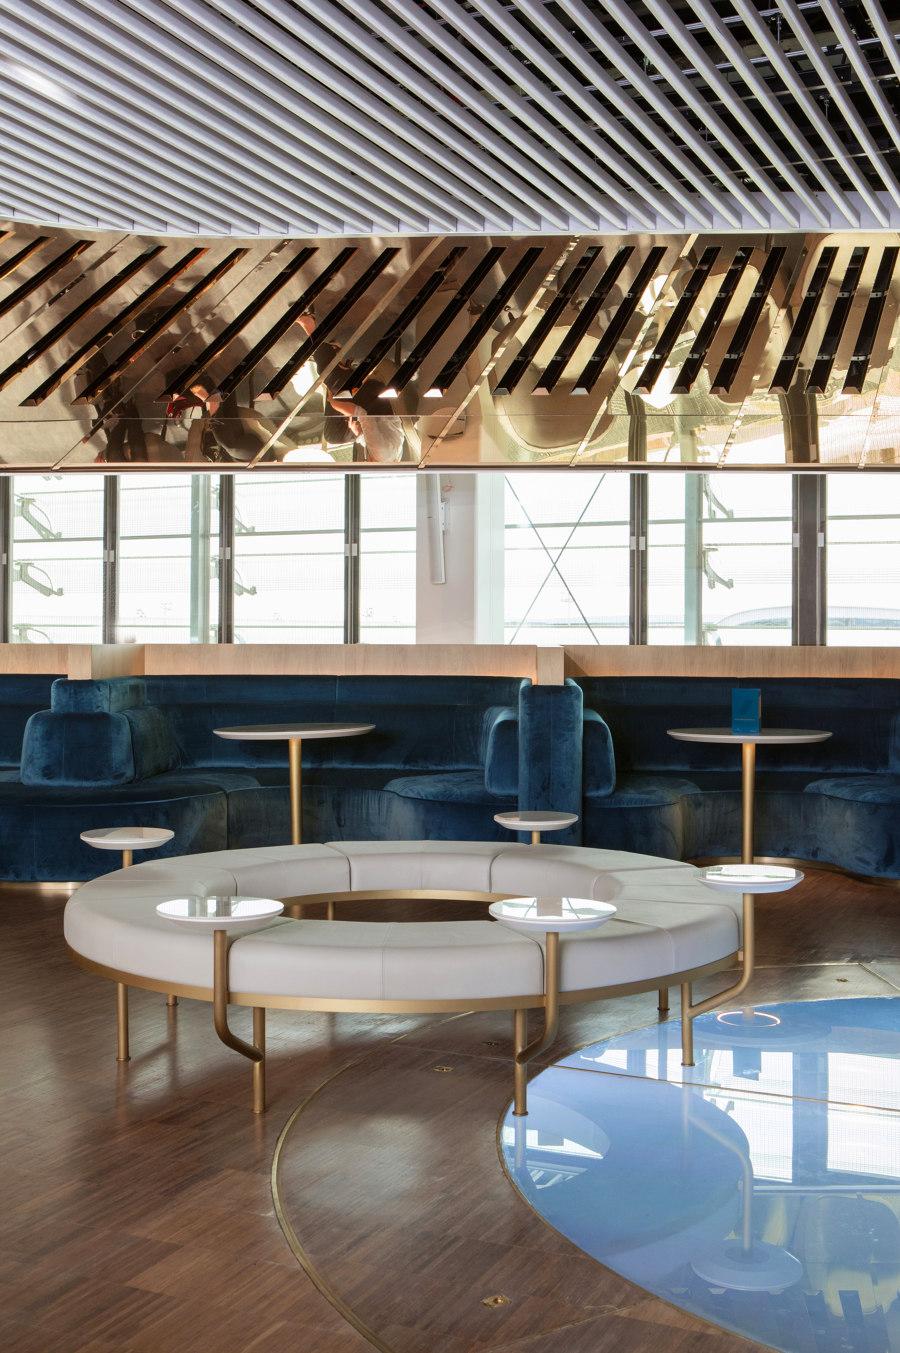 Air France business lounge by Mathieu Lehanneur | Café interiors